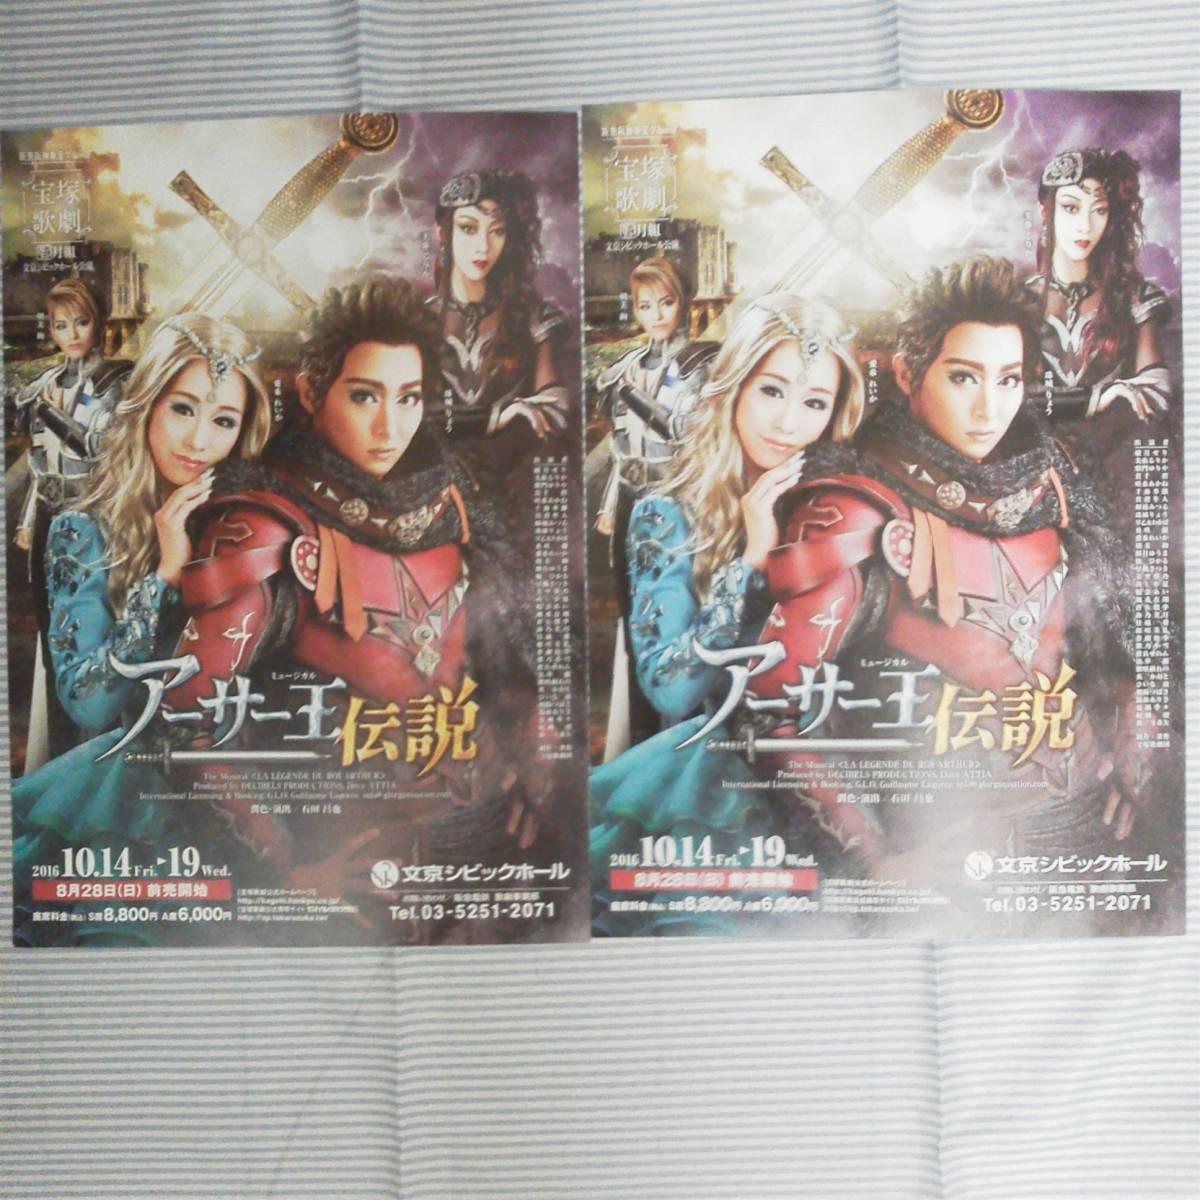 宝塚歌劇 チラシ 月組 珠城りょう アーサー王伝説 2枚